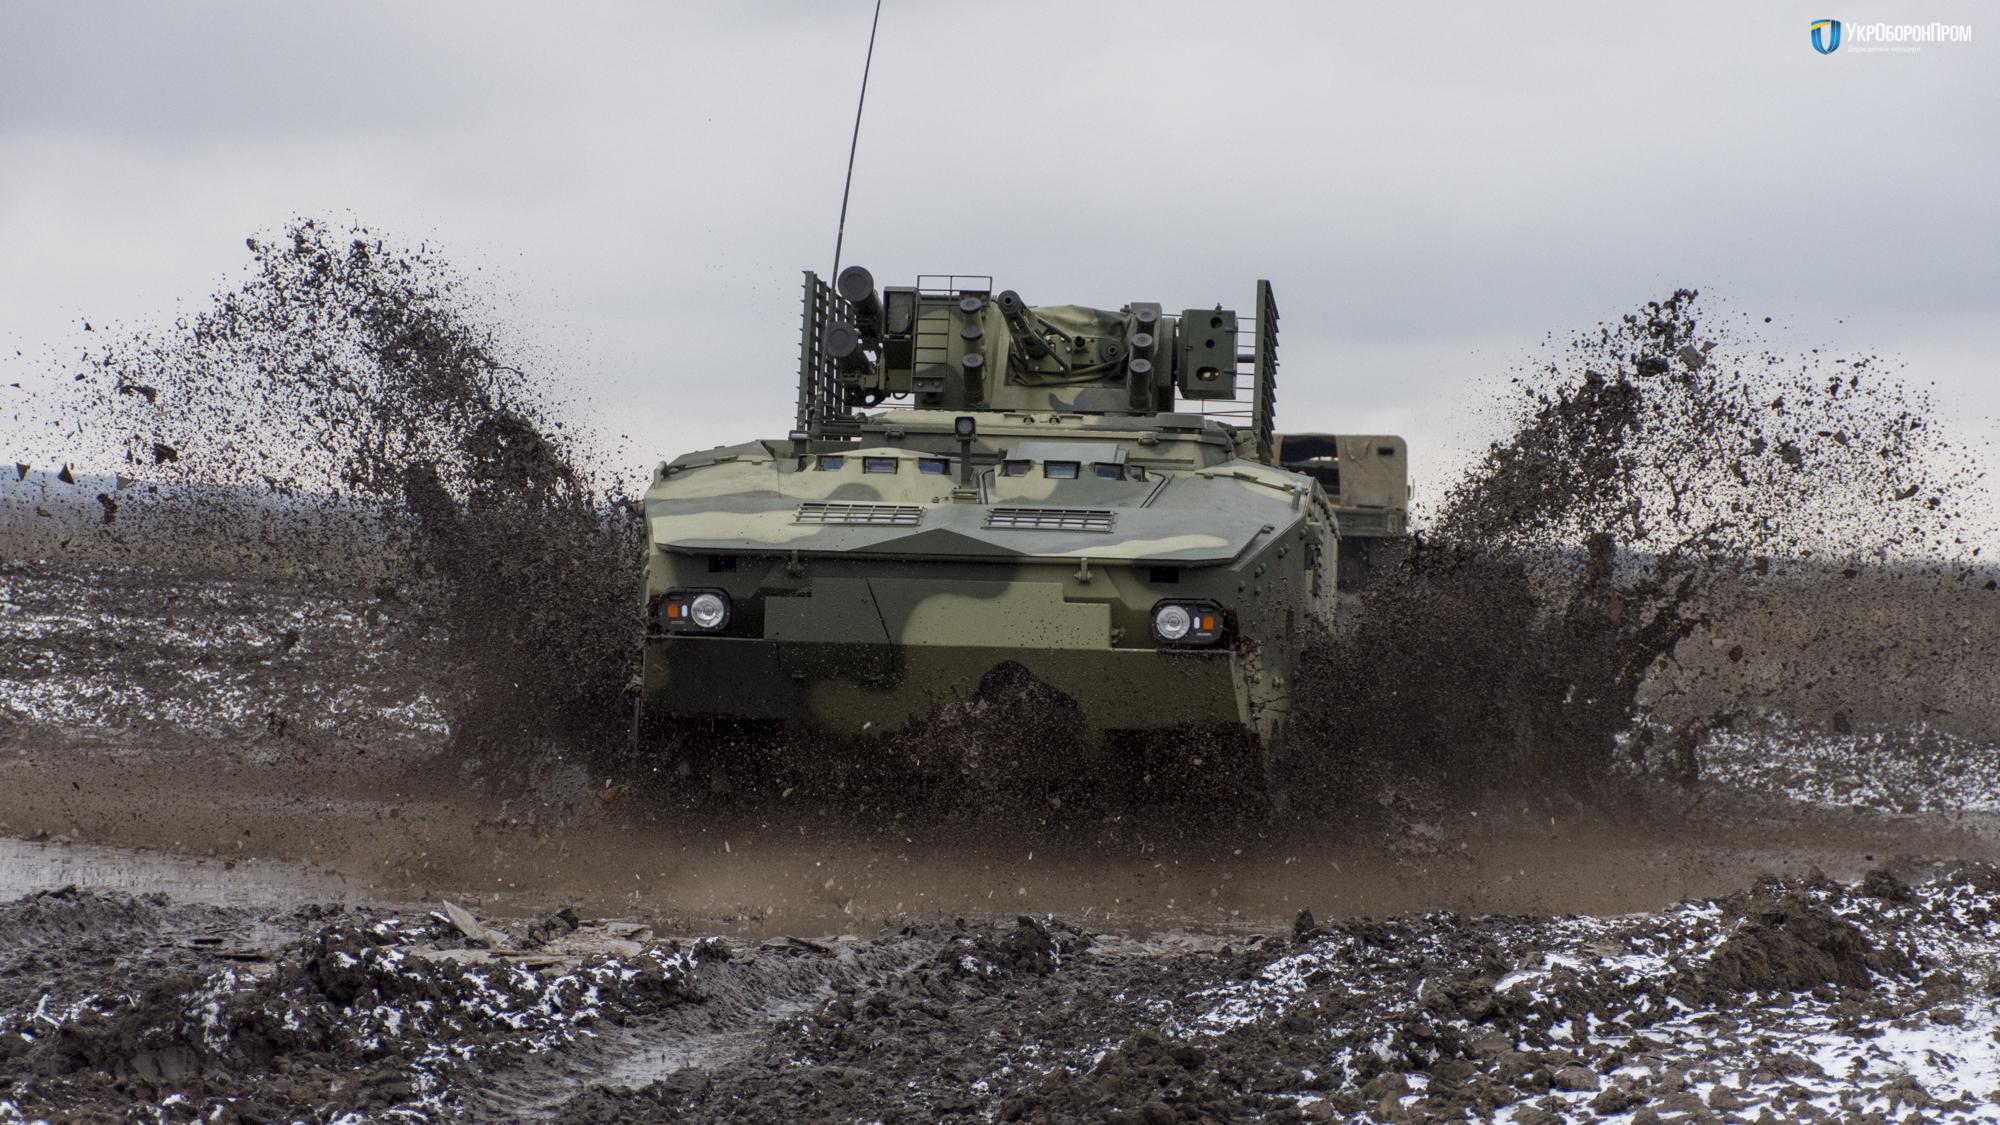 """В """"Укроборонпроме"""" показали видео испытаний нового украинского БТРа, созданного по стандартам НАТО, - кадры"""